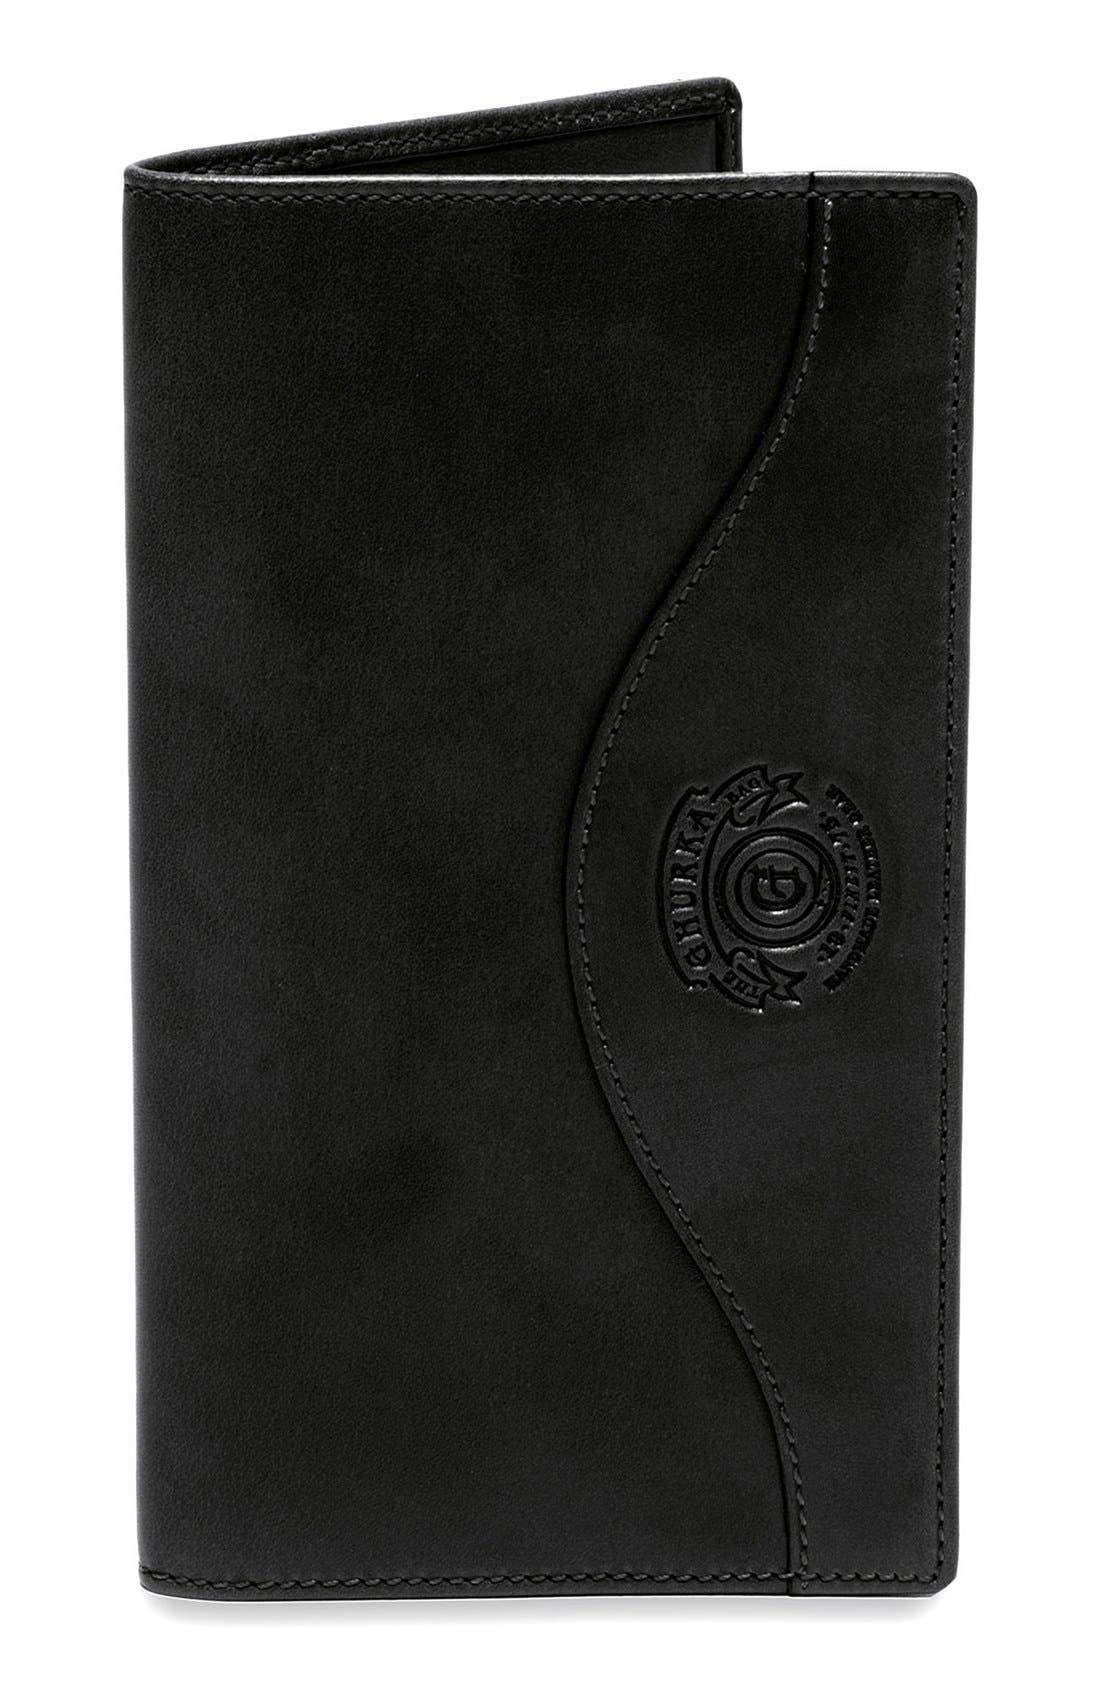 Ghurka Leather Breast Pocket Wallet